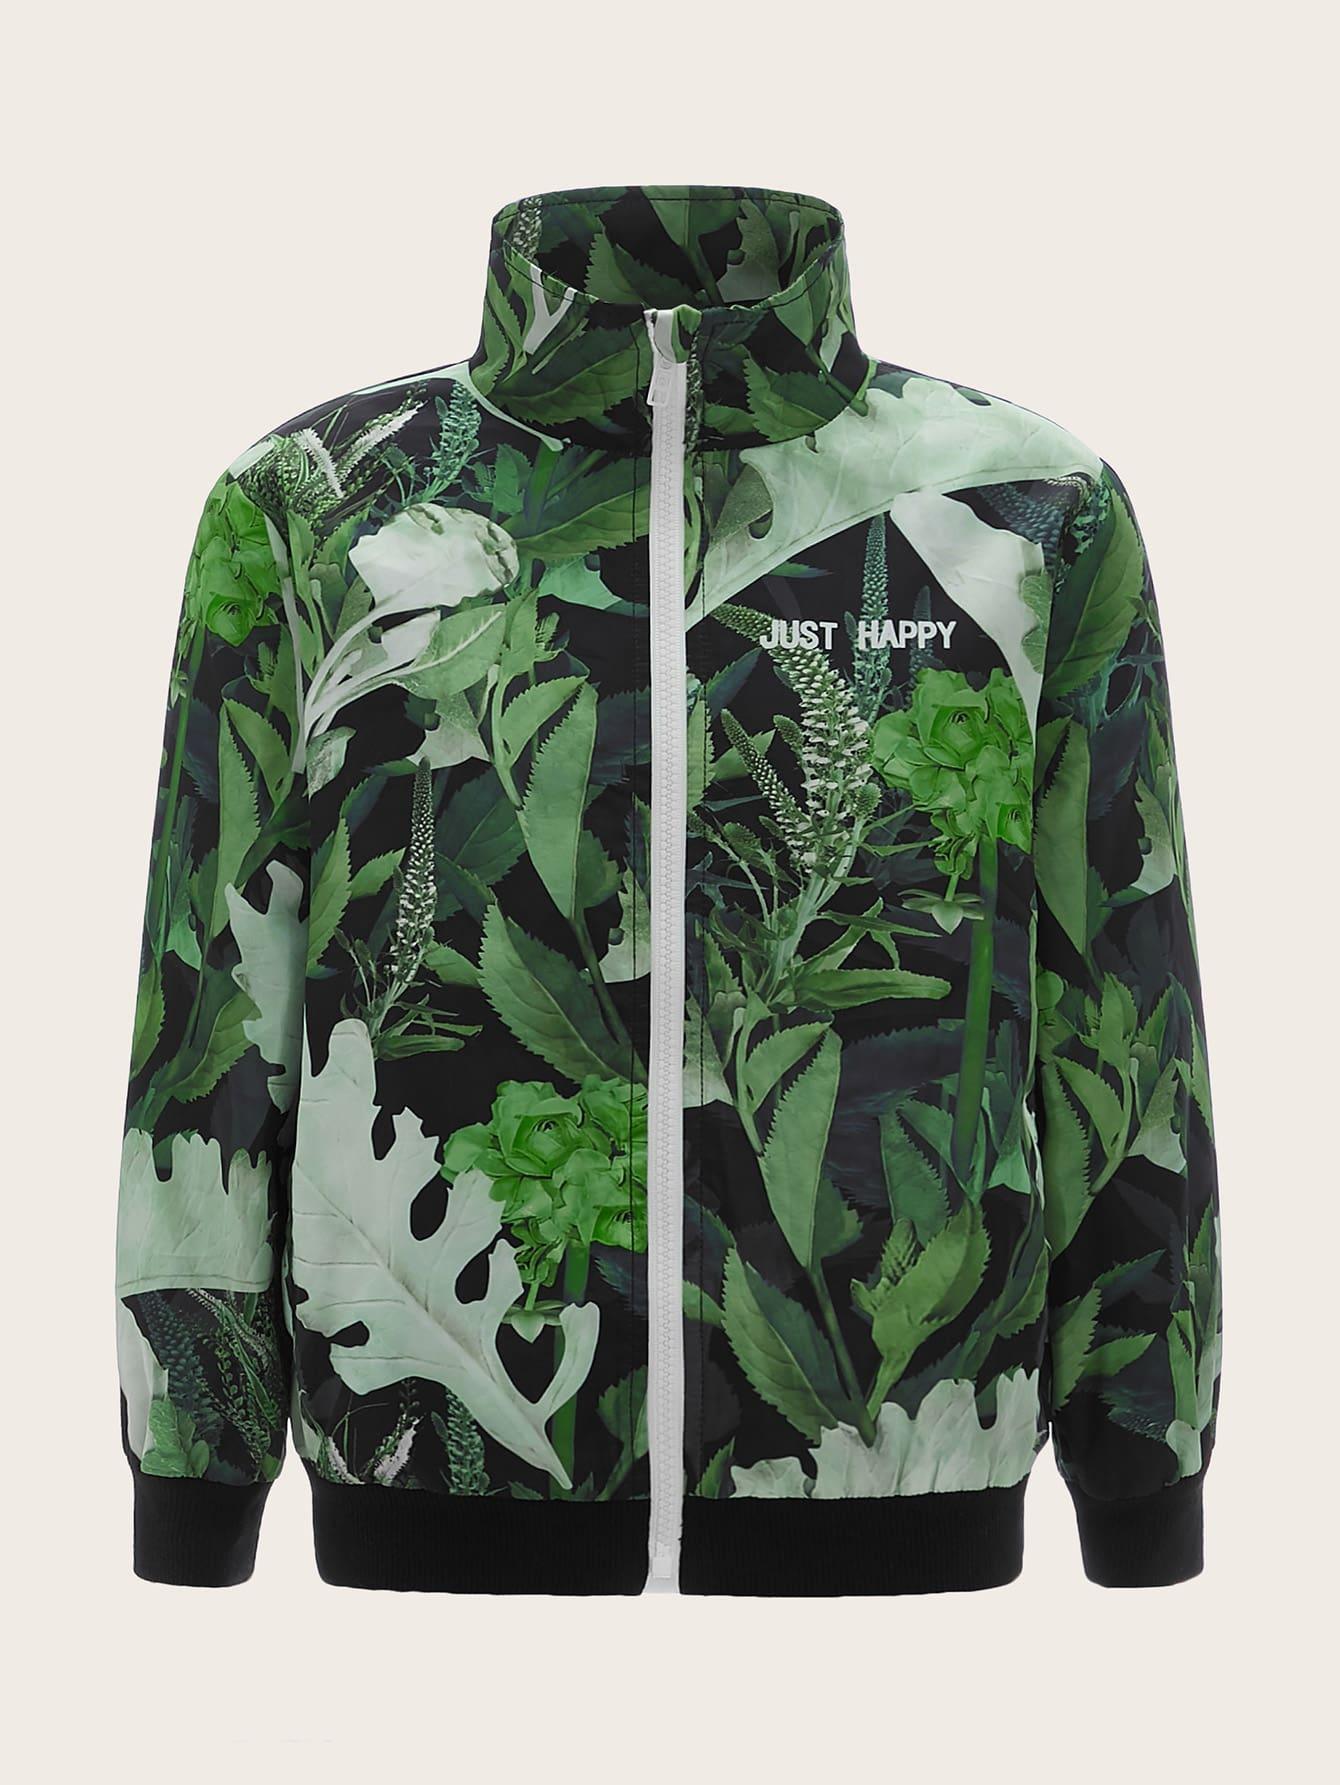 Boys Mock Neck Botanical Print Zipper Up Wind Jacket